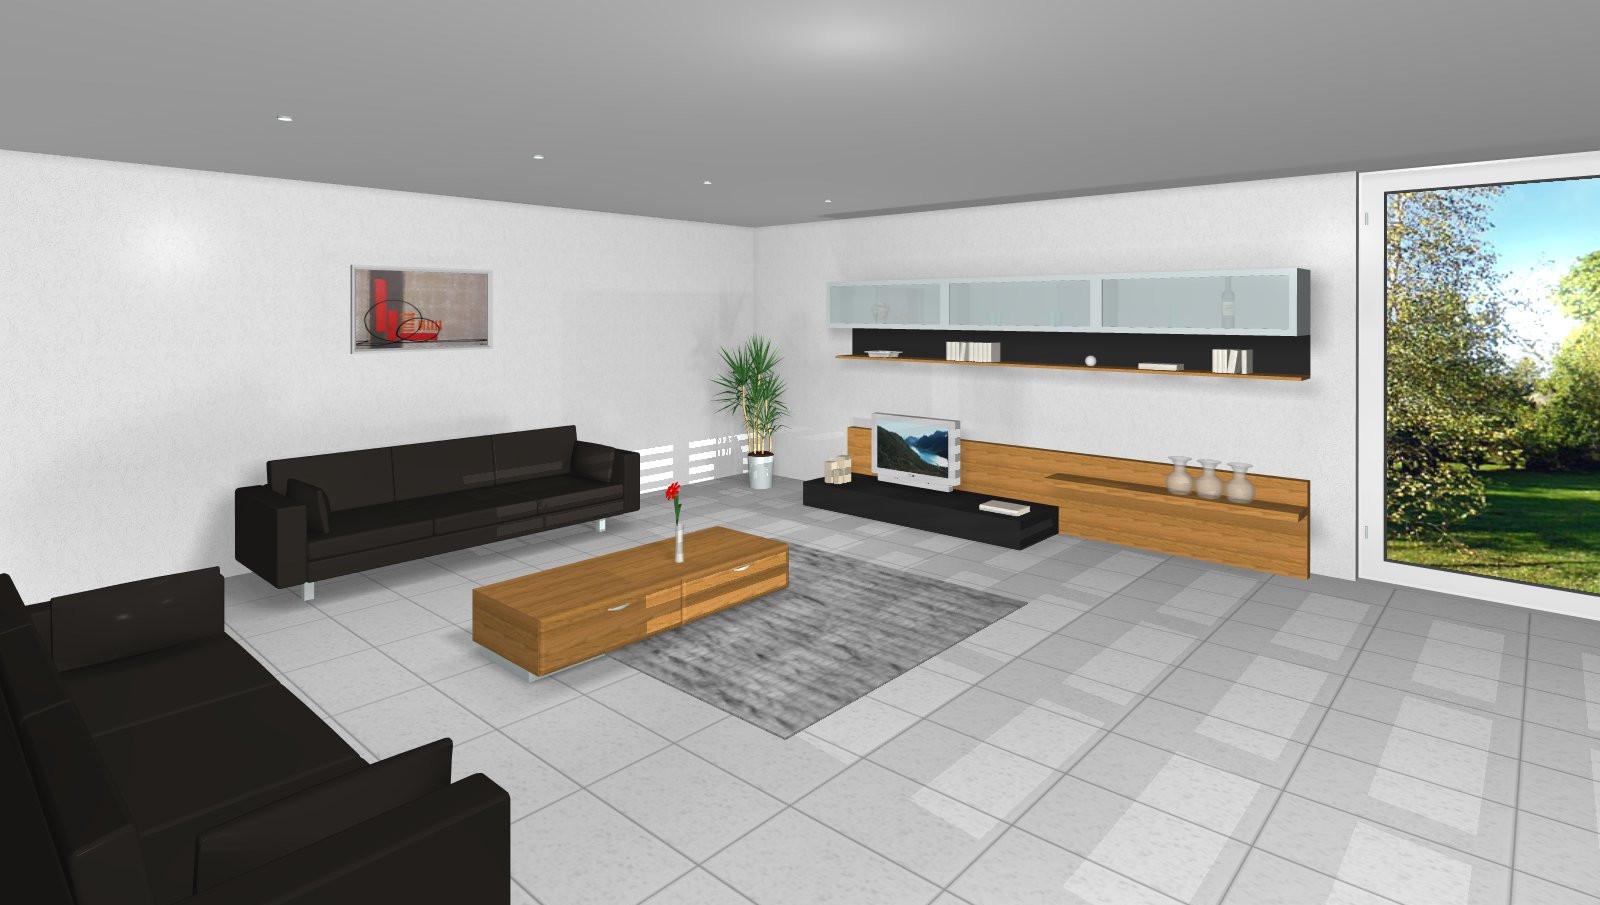 Design Wohnzimmer  wohnzimmer design wohnzimmer einrichten Design Wohnzimmer